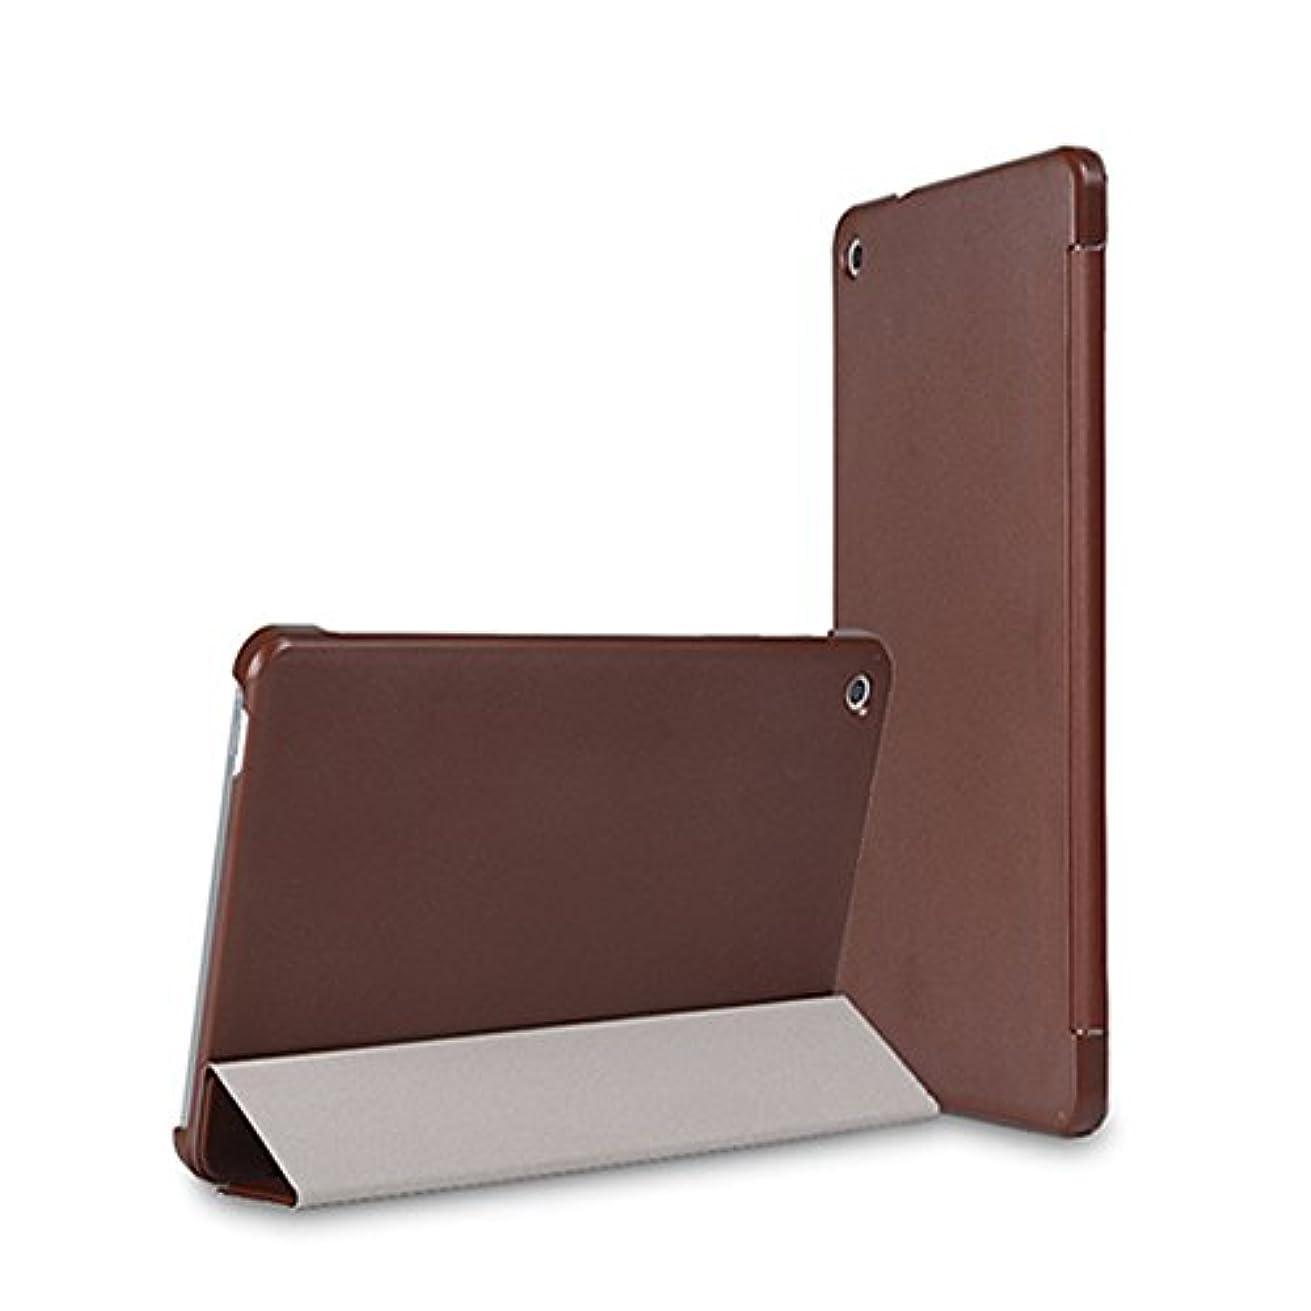 代表王朝フォークGLOW docomo dtab d-01G Huawei MediaPad M1 8.0 403HW 三つ折りスマートケース ブラウン 33141-5